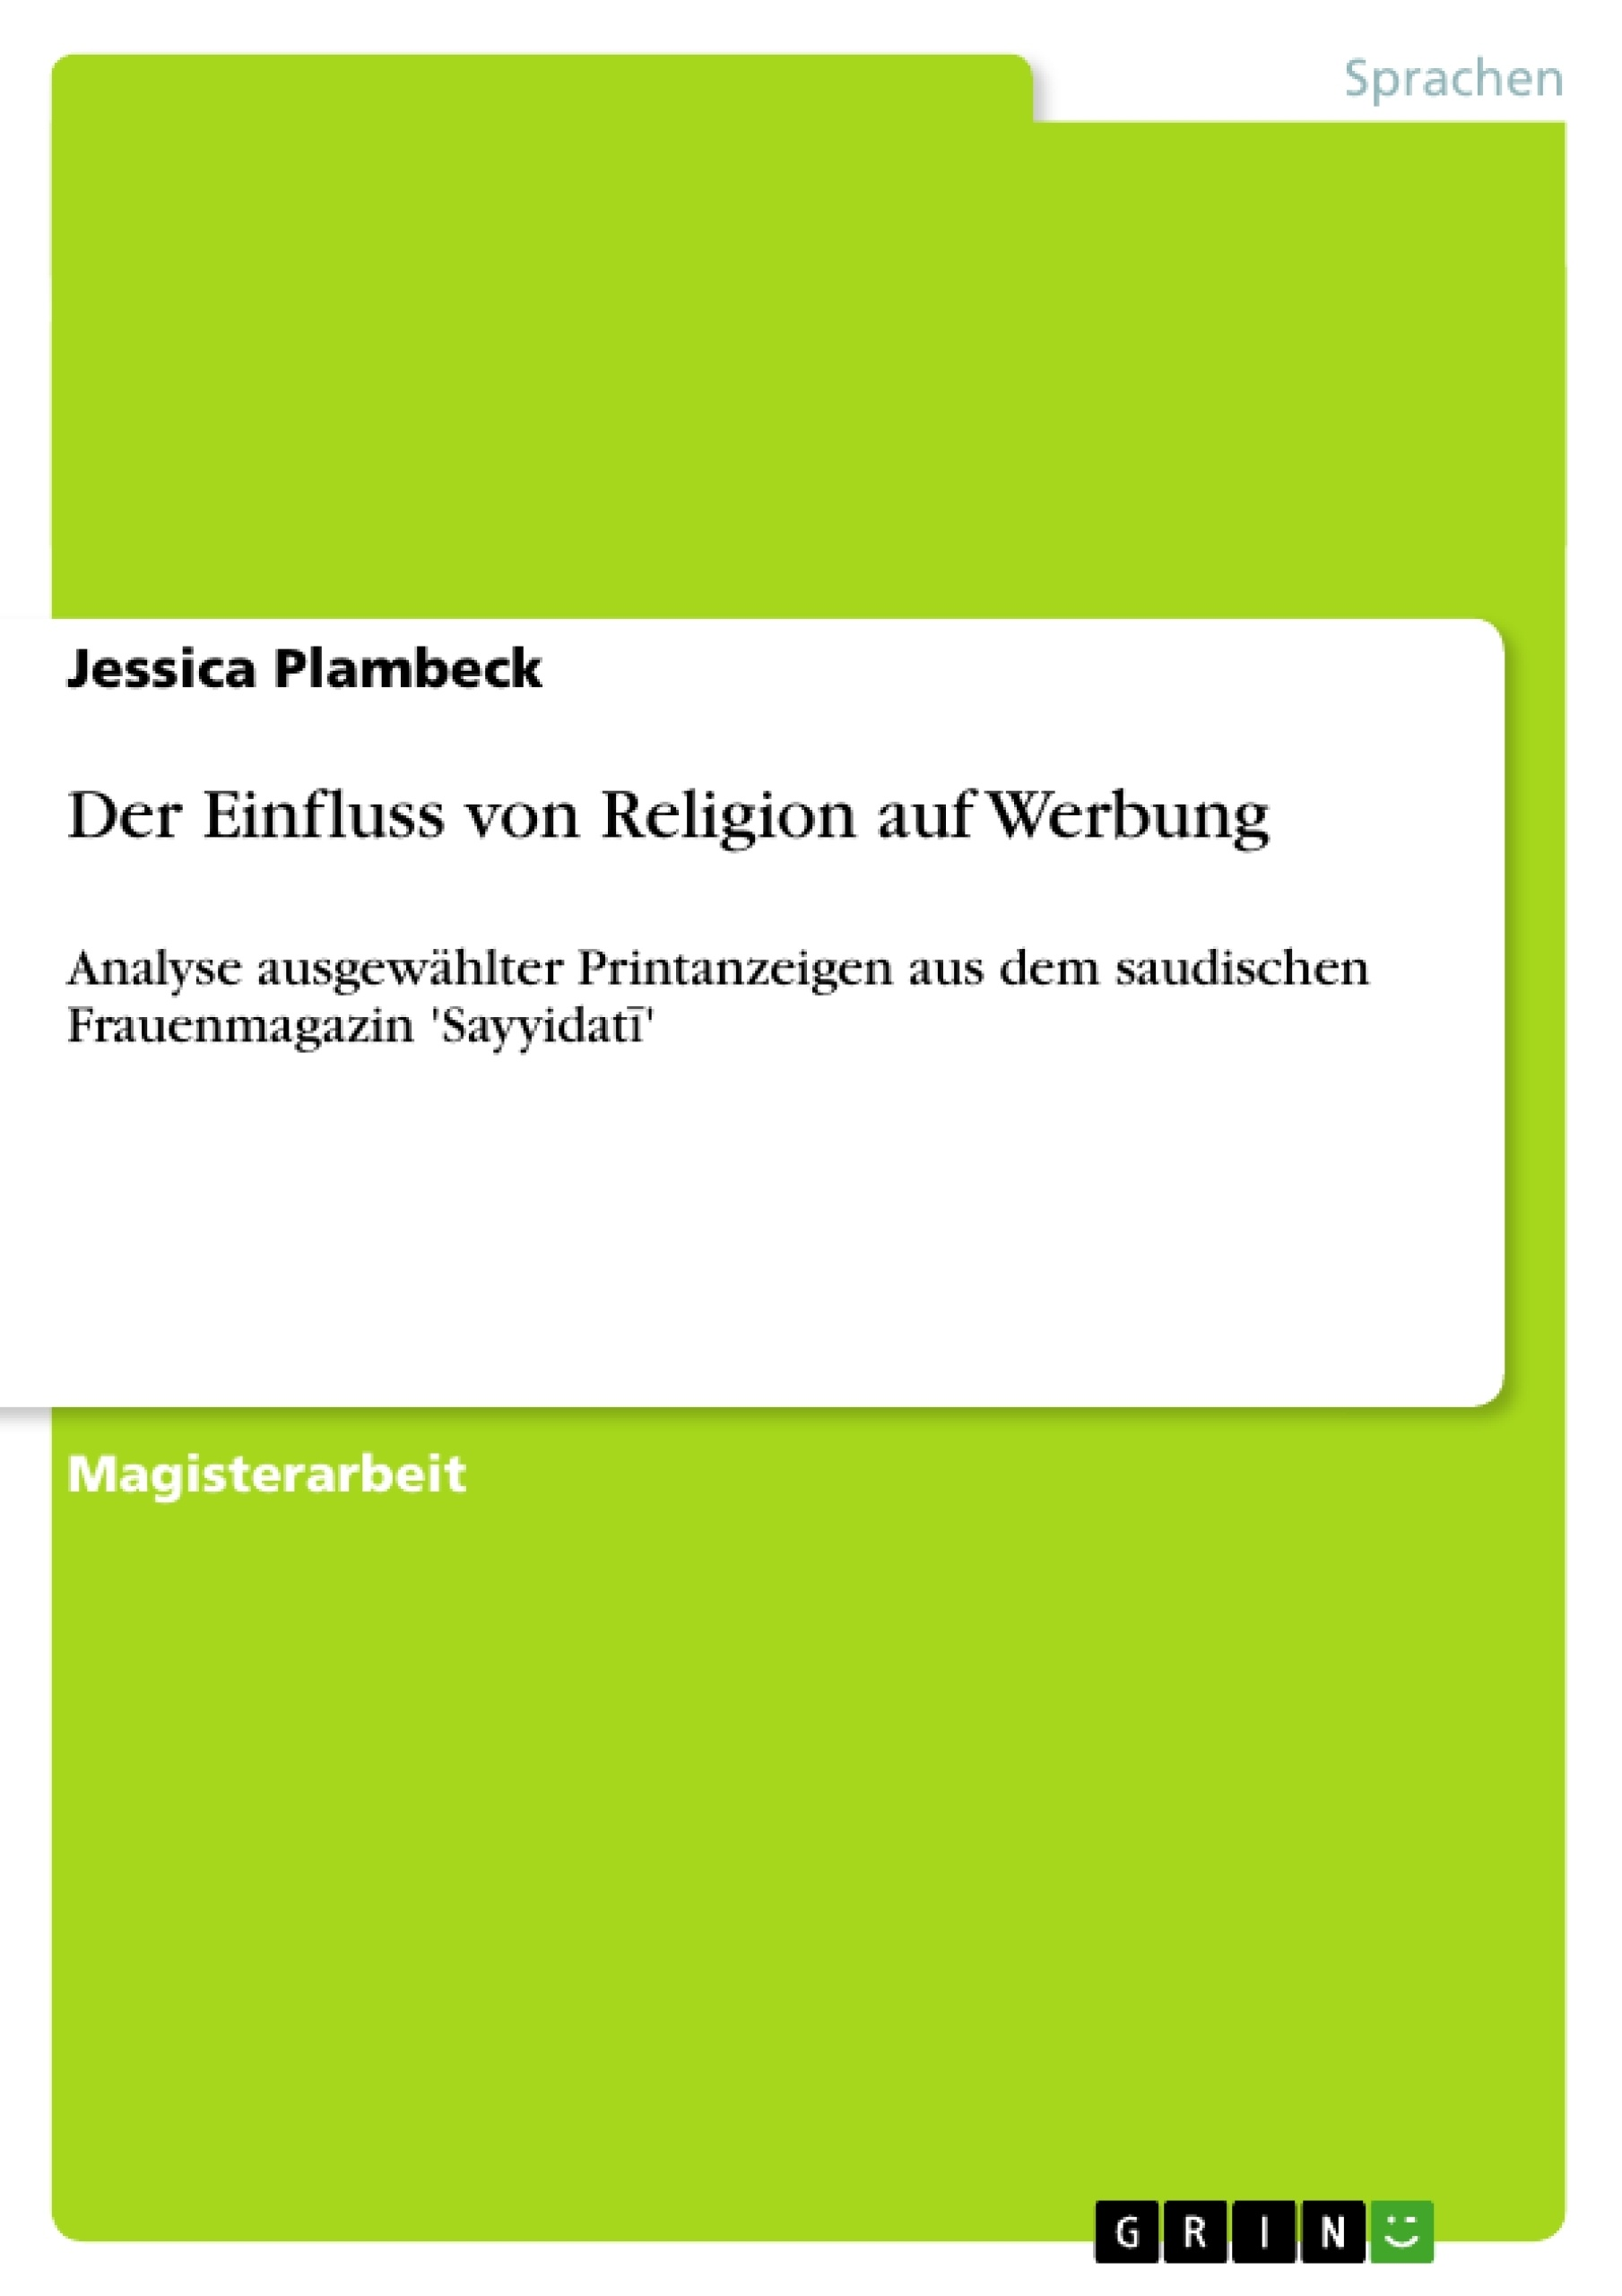 Titel: Der Einfluss von Religion auf Werbung